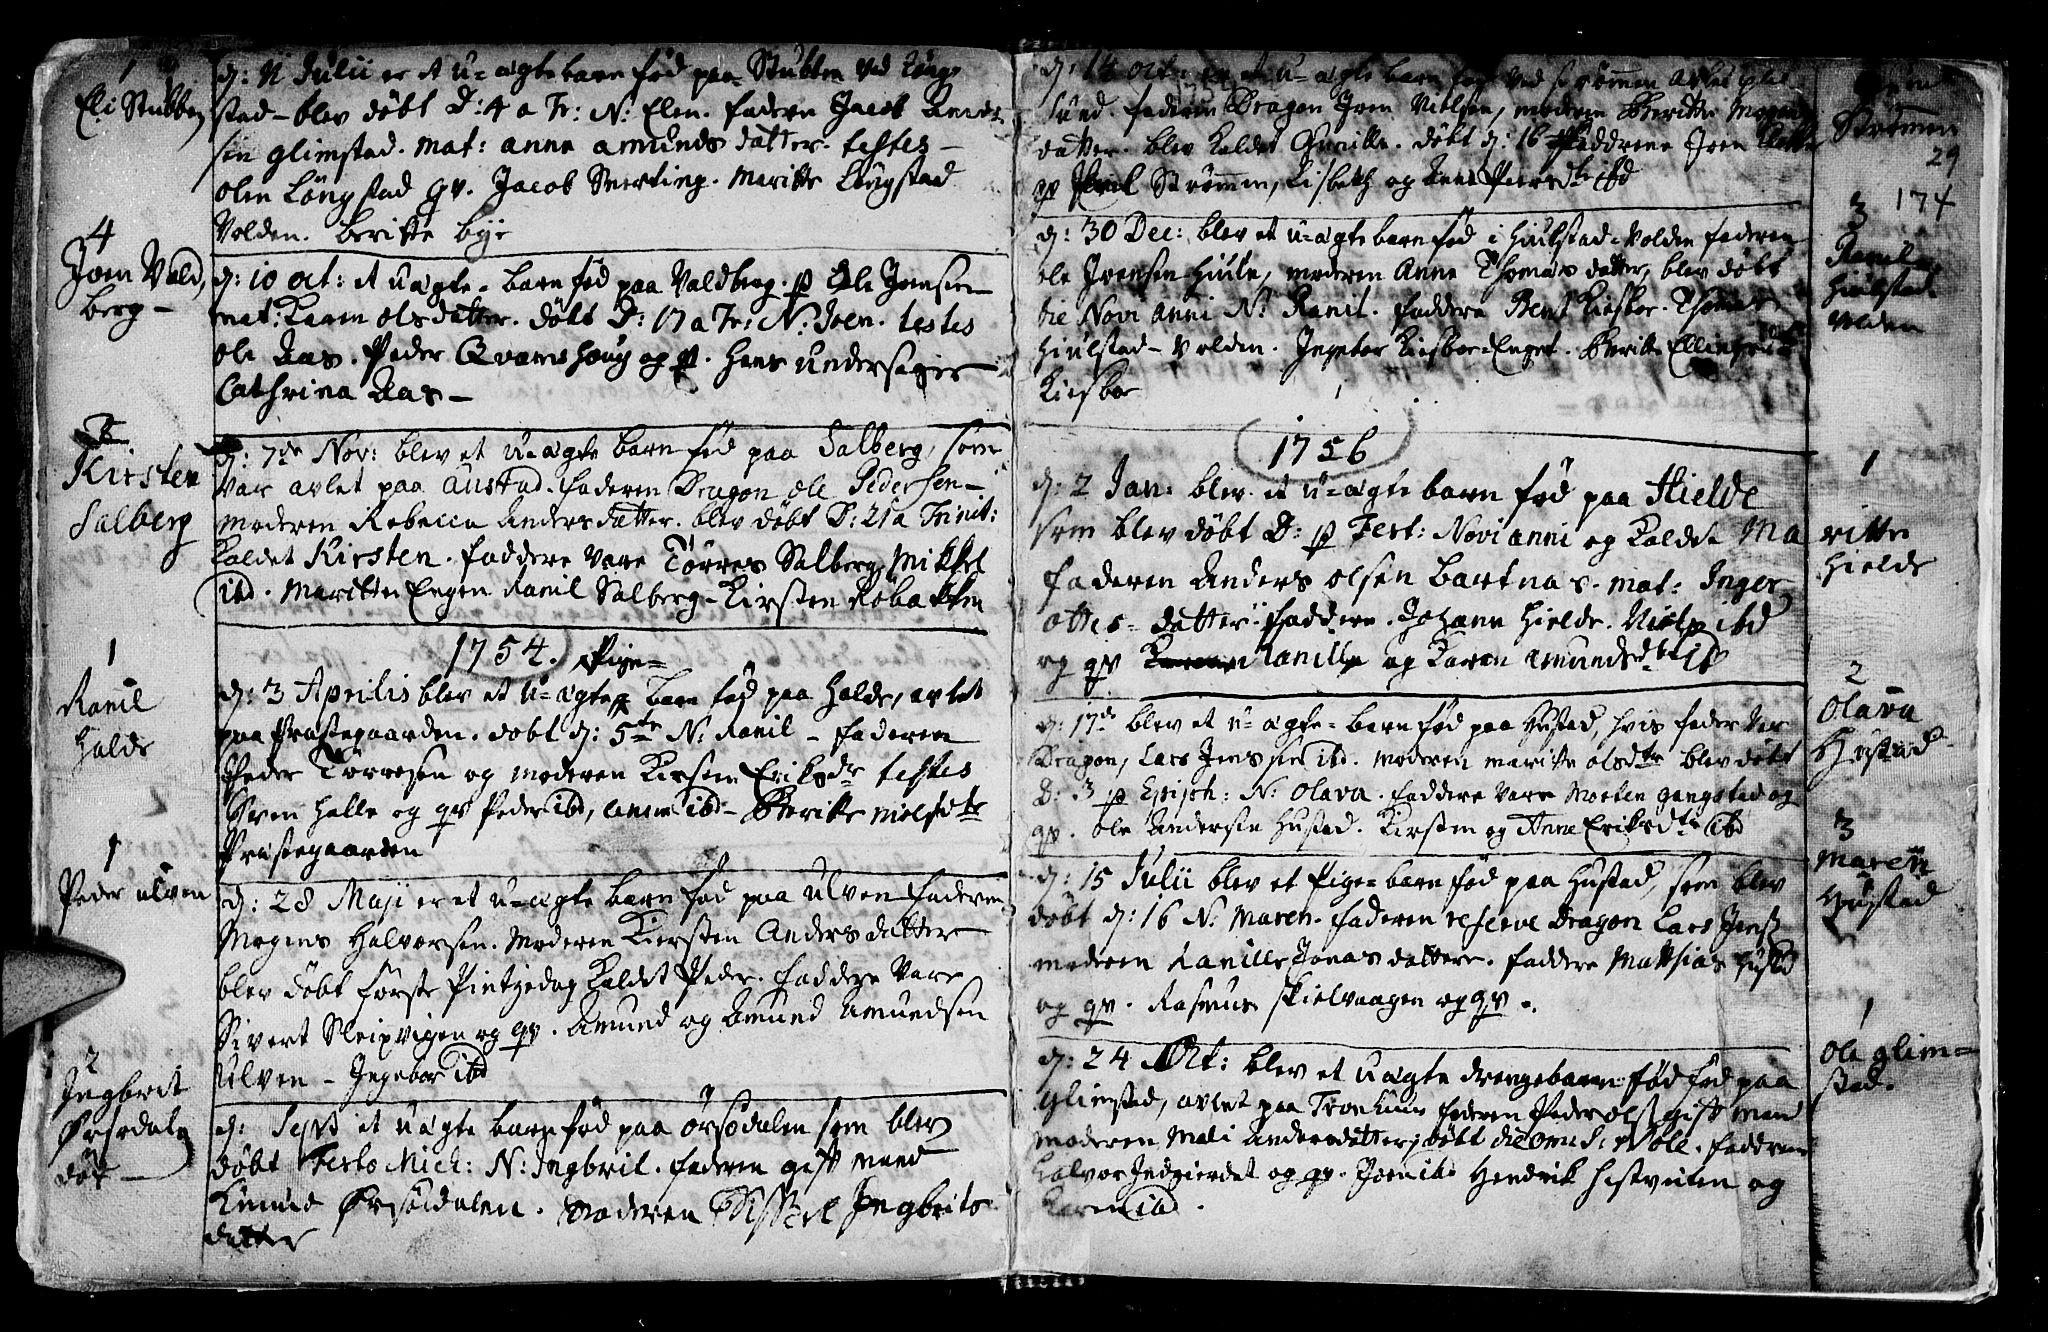 SAT, Ministerialprotokoller, klokkerbøker og fødselsregistre - Nord-Trøndelag, 730/L0272: Ministerialbok nr. 730A01, 1733-1764, s. 174